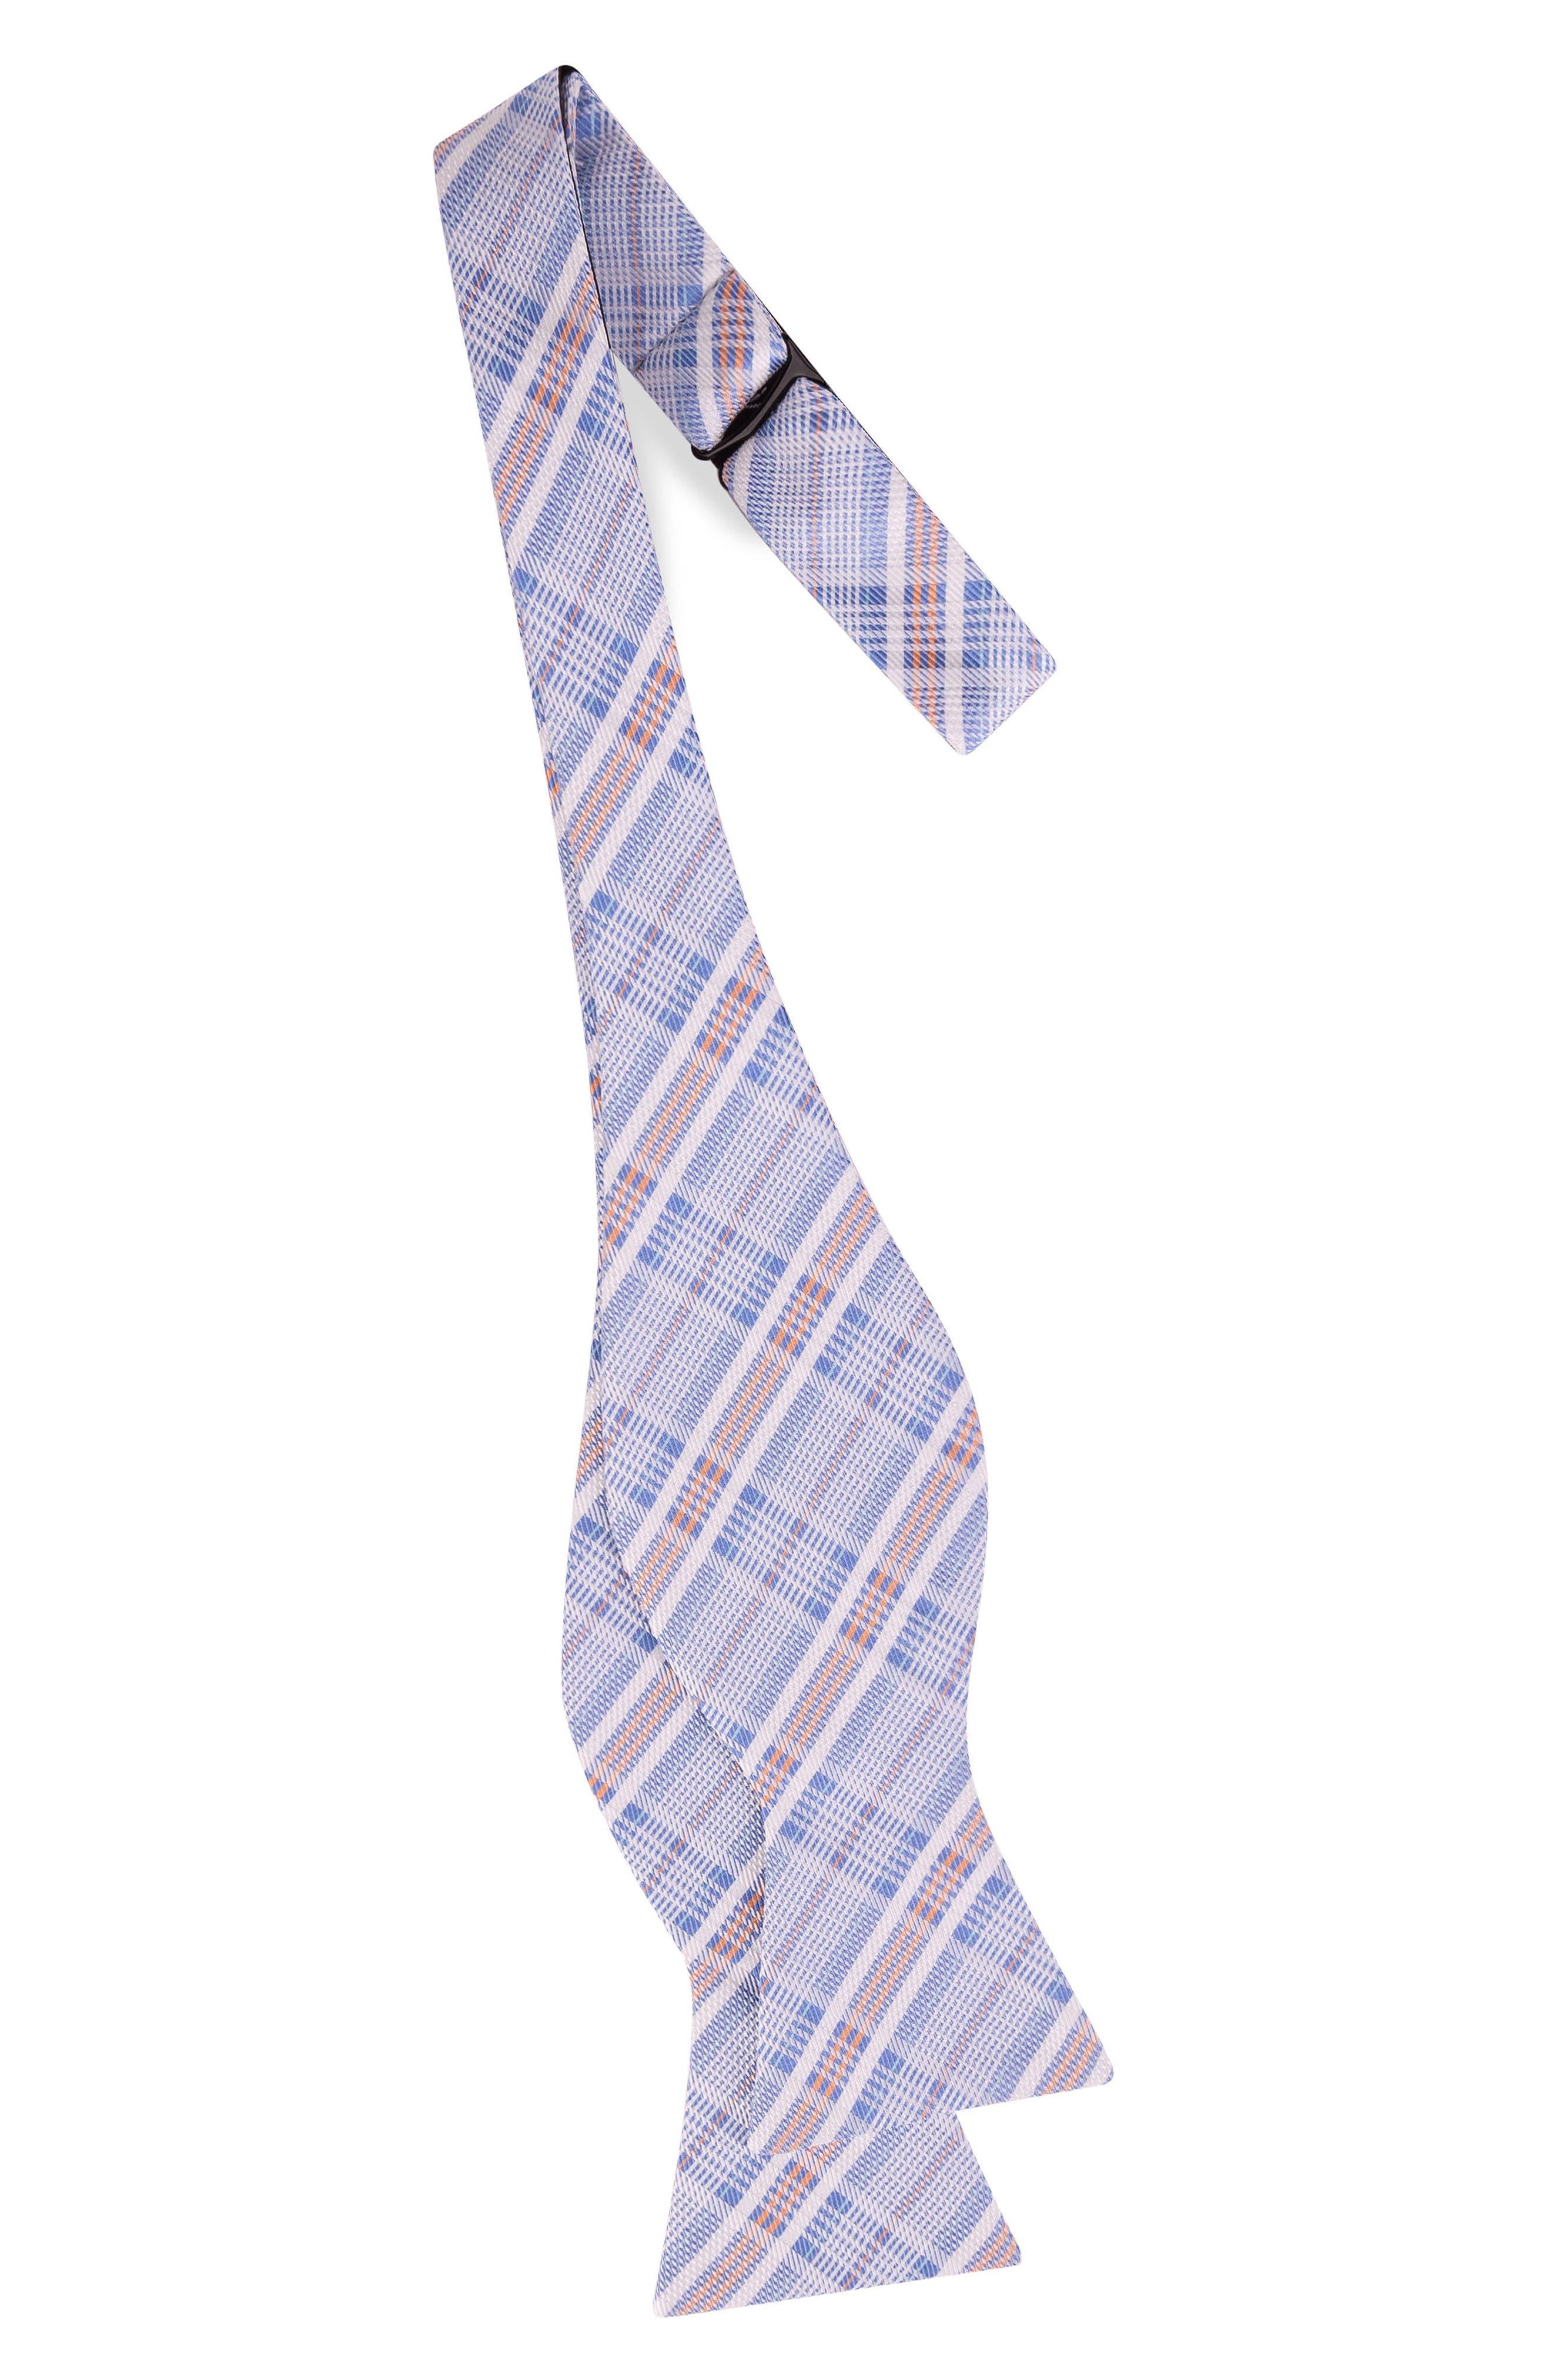 Subtle Check Bow Tie,                             Alternate thumbnail 2, color,                             400